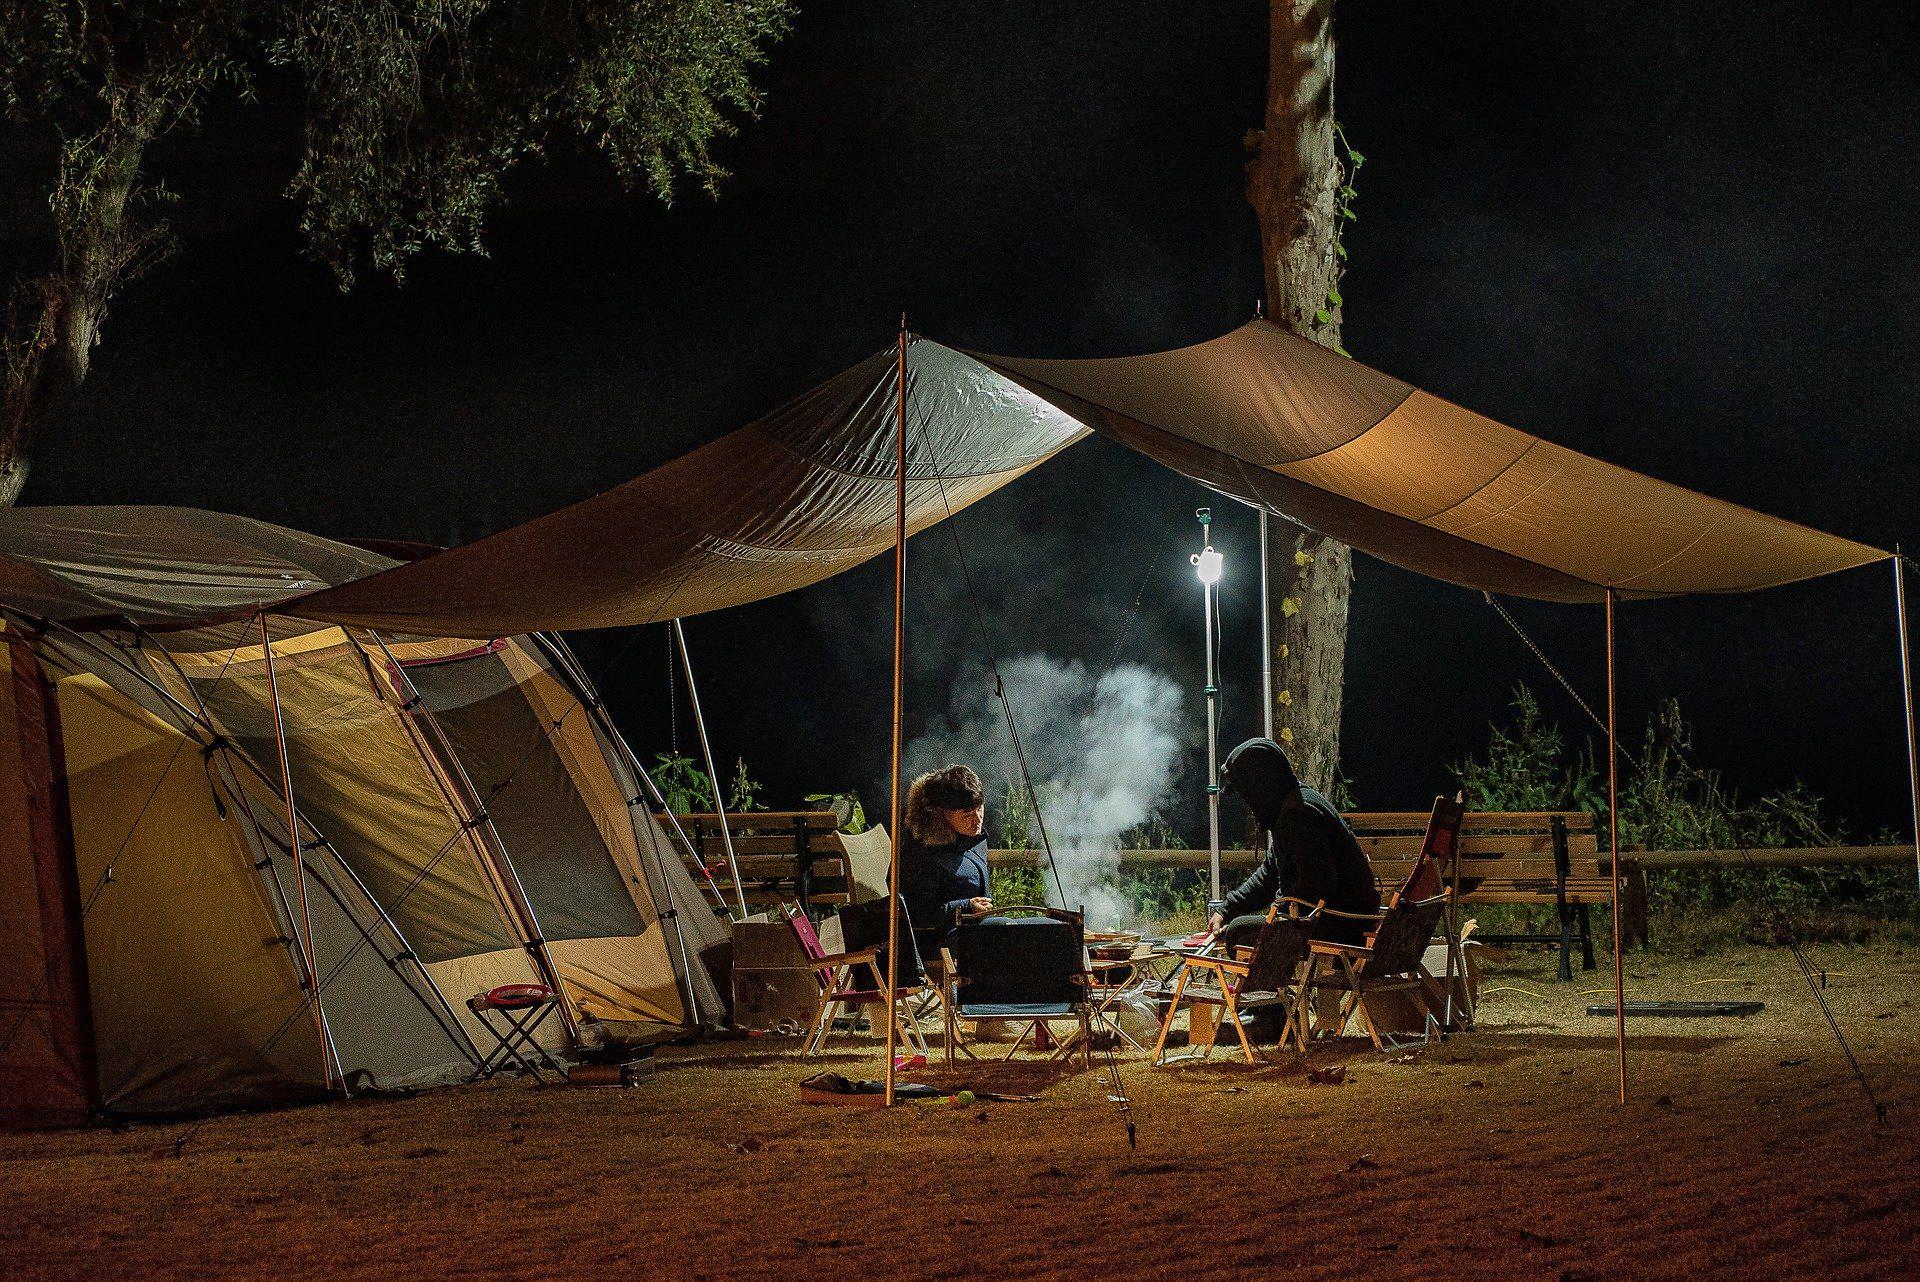 スケジュール管理ツールの導入でキャンプの日程調整をスムーズに行う